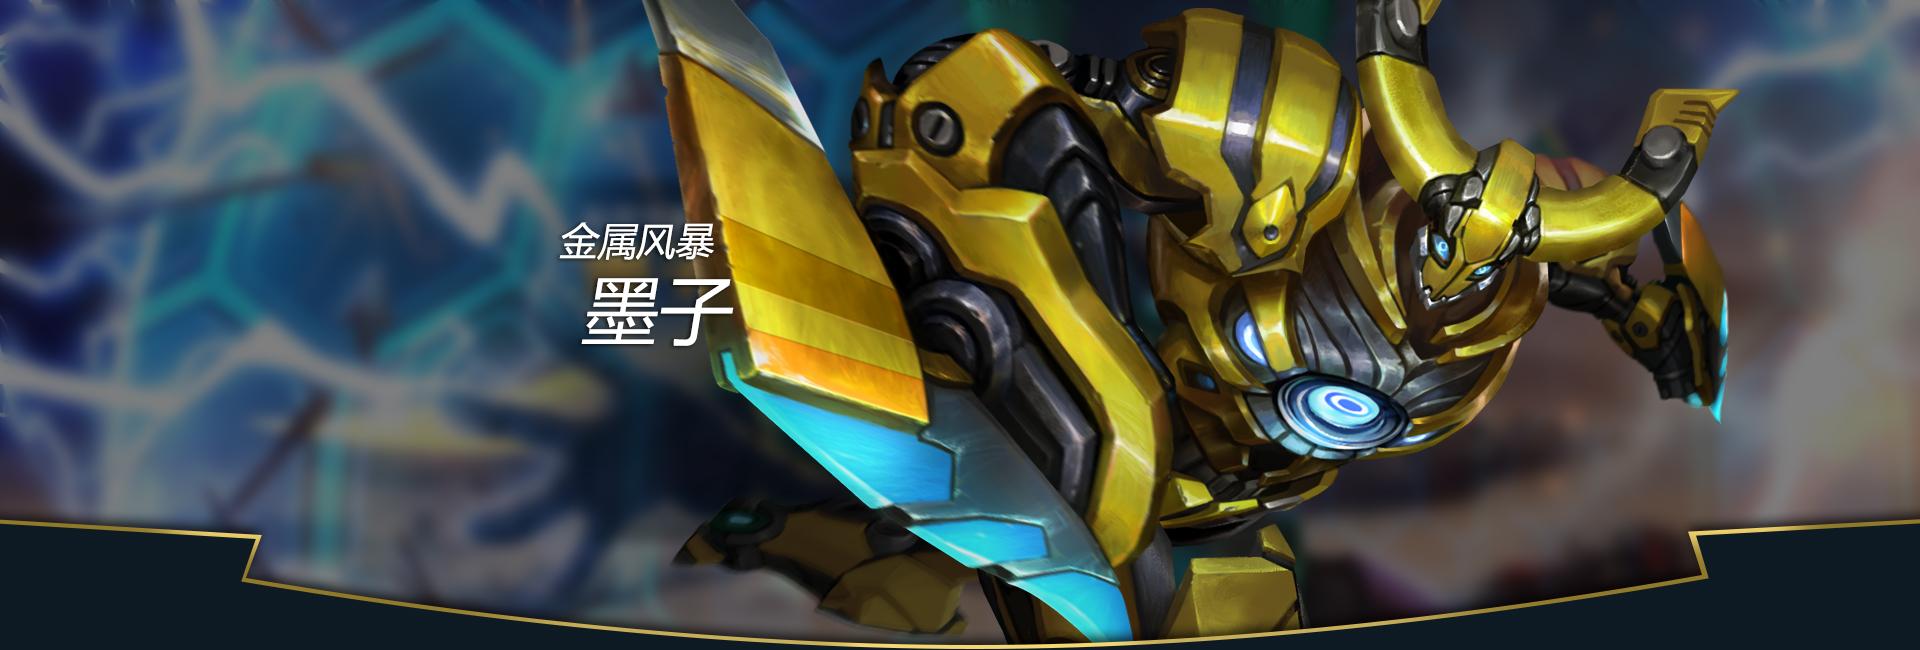 第2弹《王者荣耀英雄皮肤CG》竞技游戏59